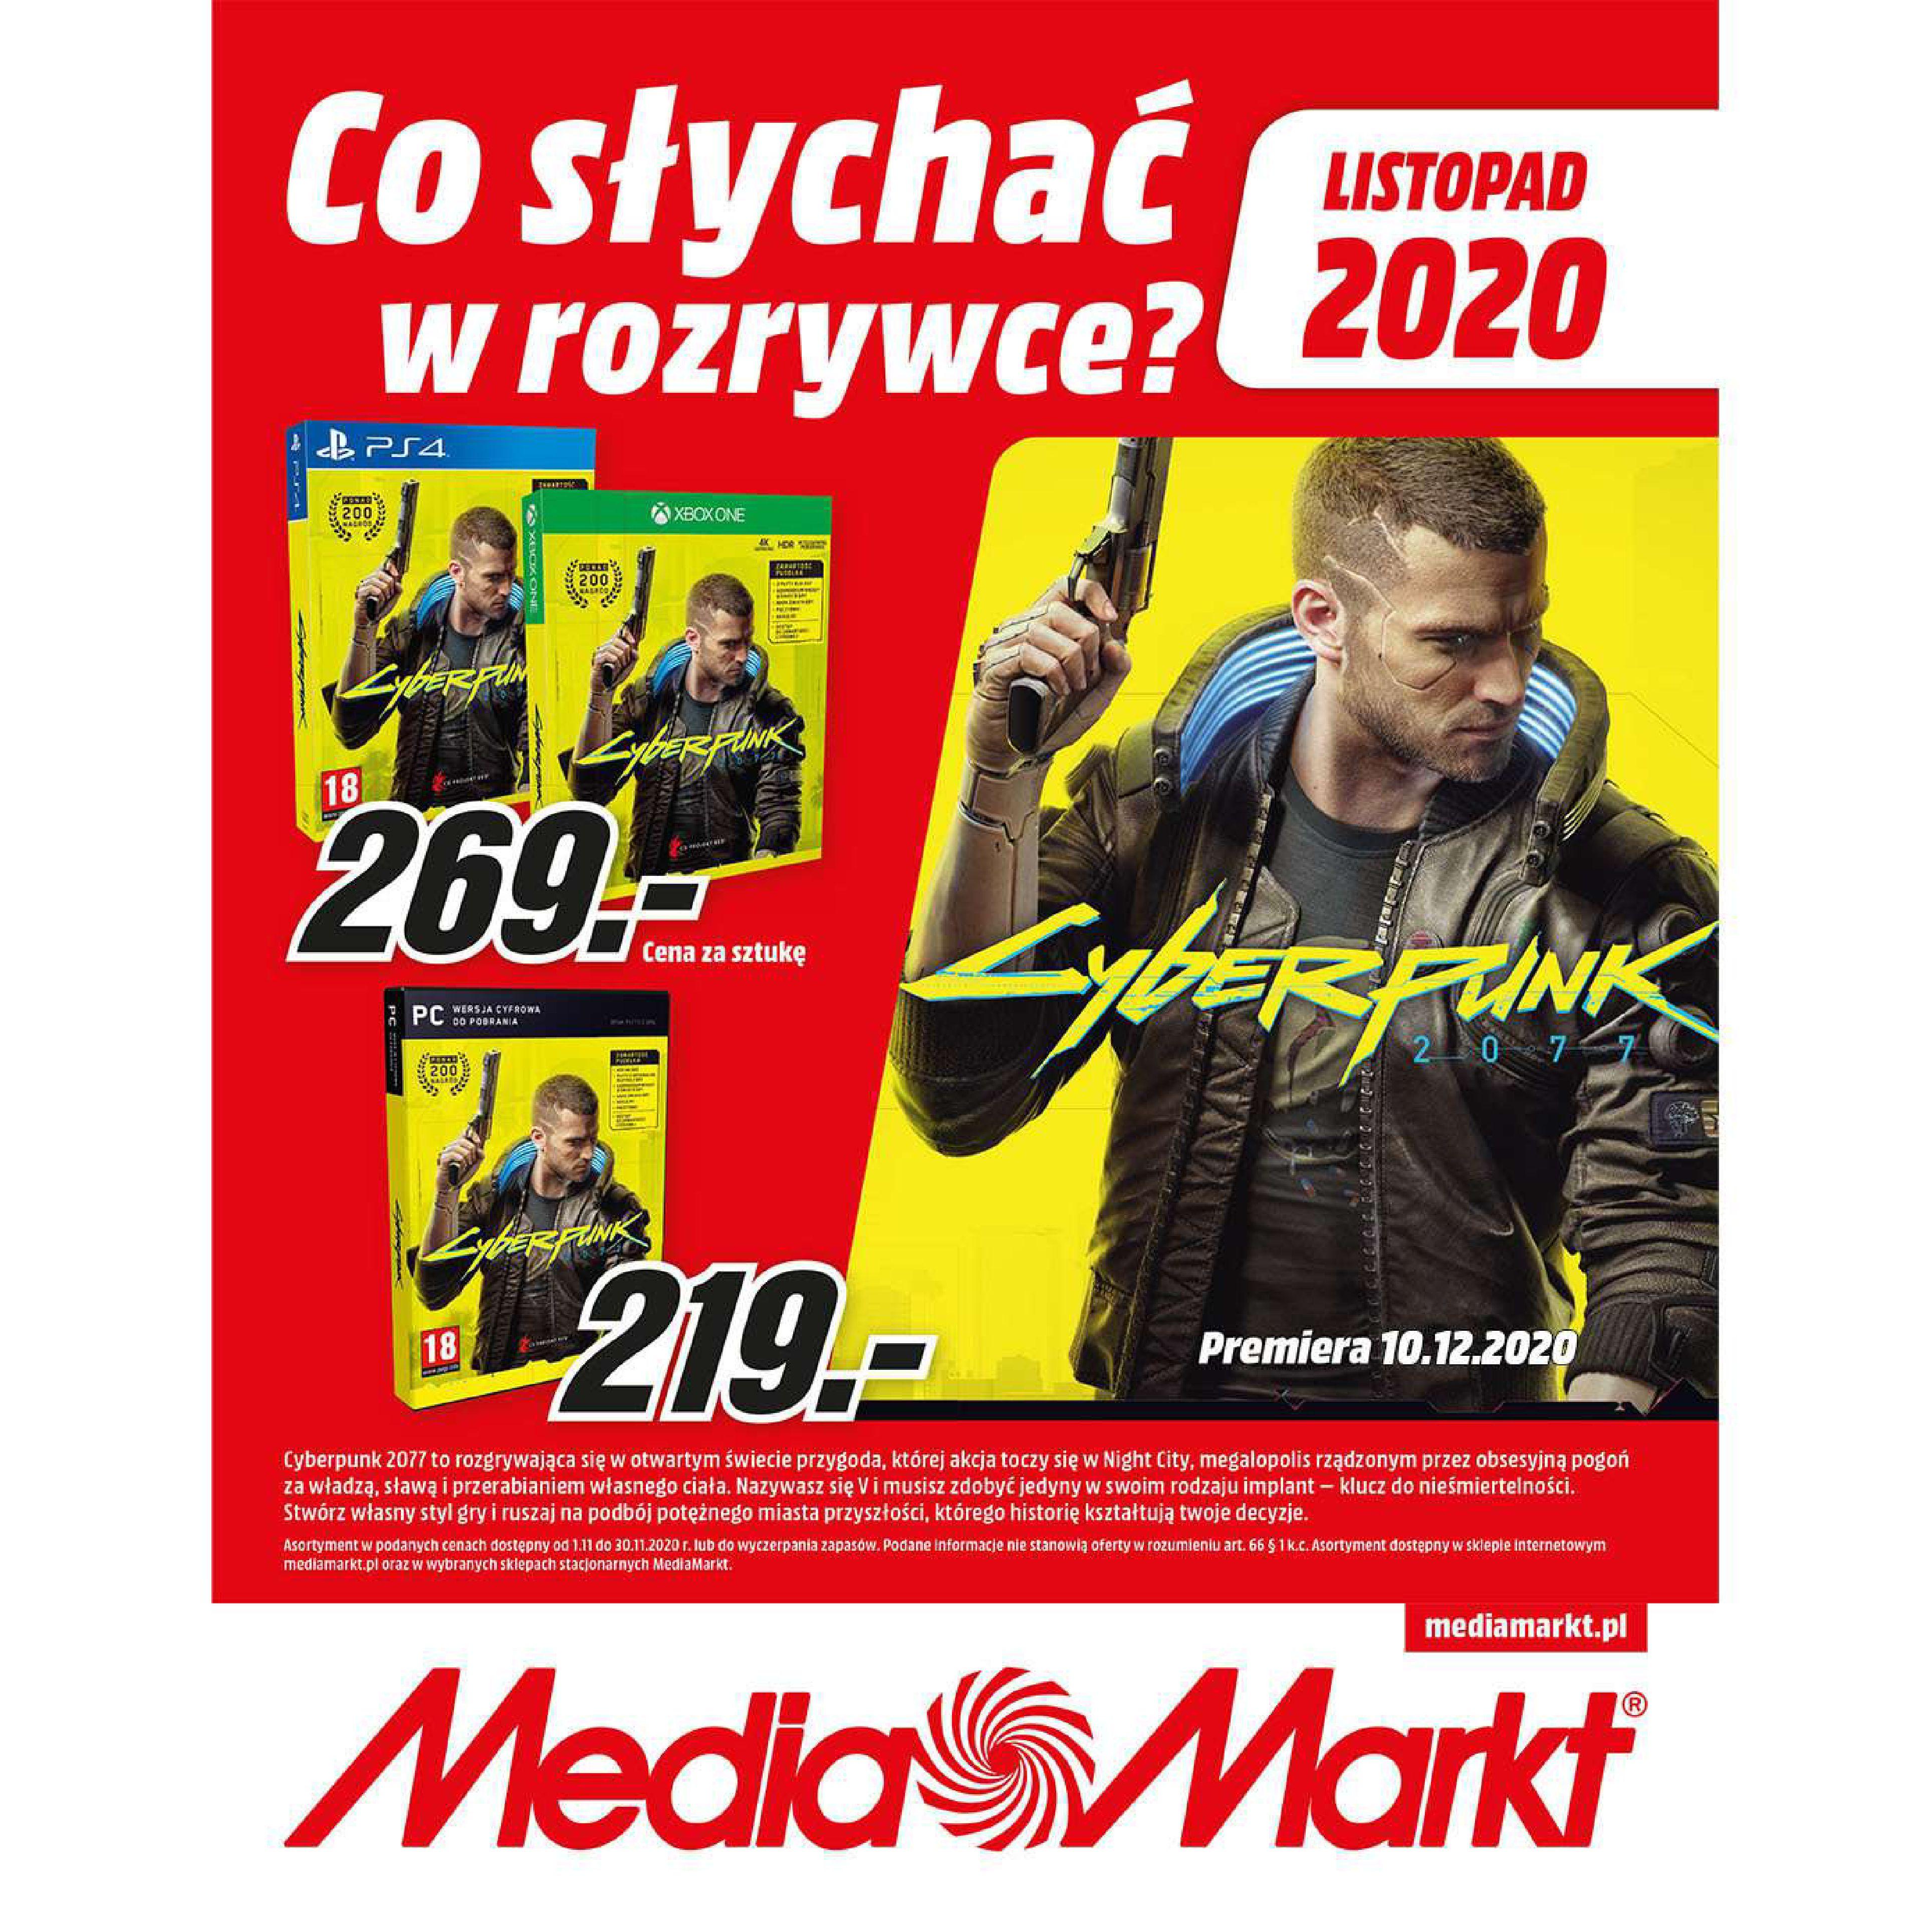 Media Markt:  Co słychać w rozrywce? 31.10.2020